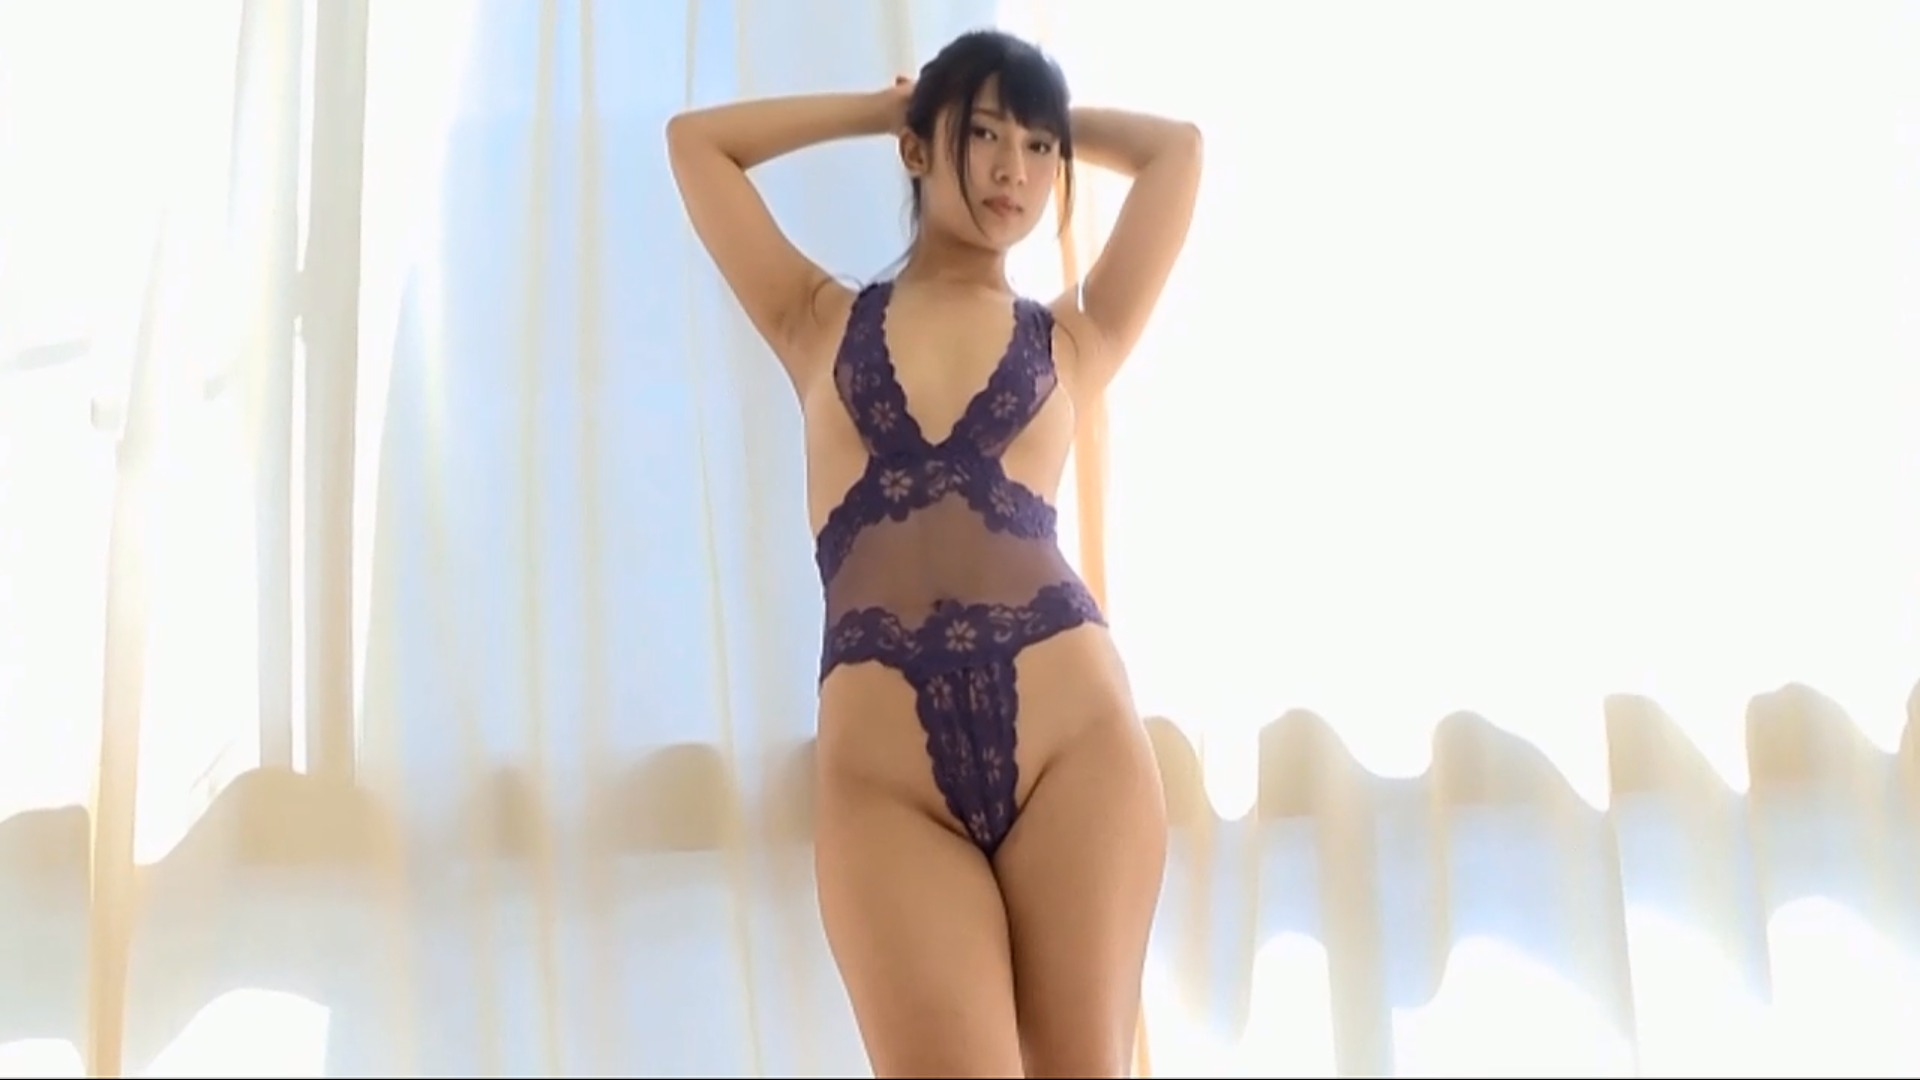 【佐倉仁菜】Dカップ2 ハイレグセクシー衣装でぷりっとしたお尻をアピール!